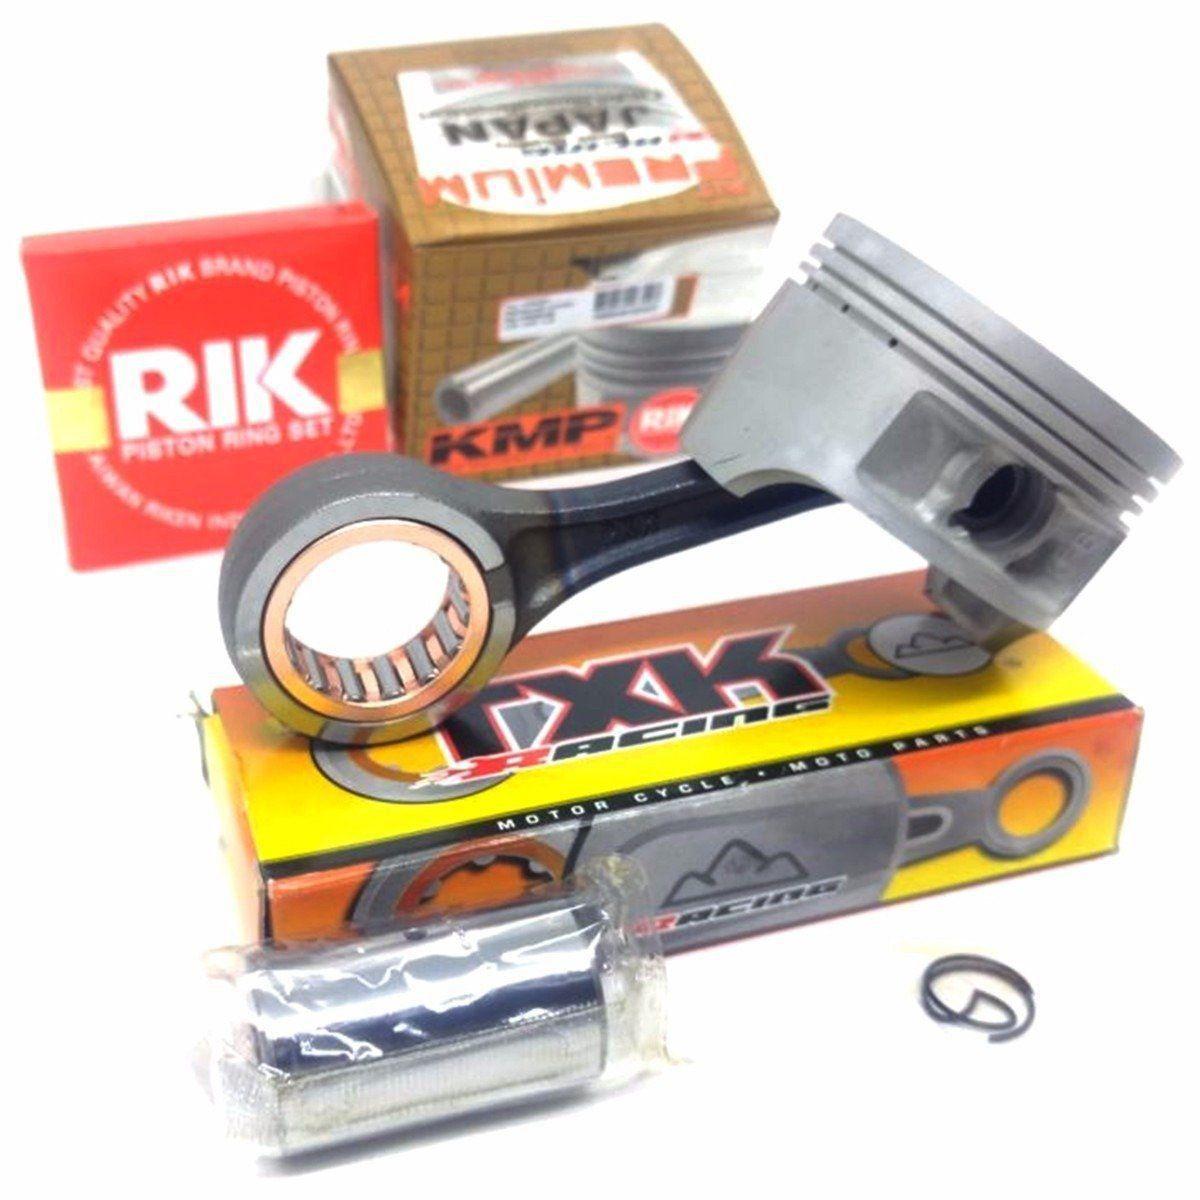 Kit Competição Cg 150 P/ 220cc Pistão Premium Biela Txk 15mm Std a 1.00mm